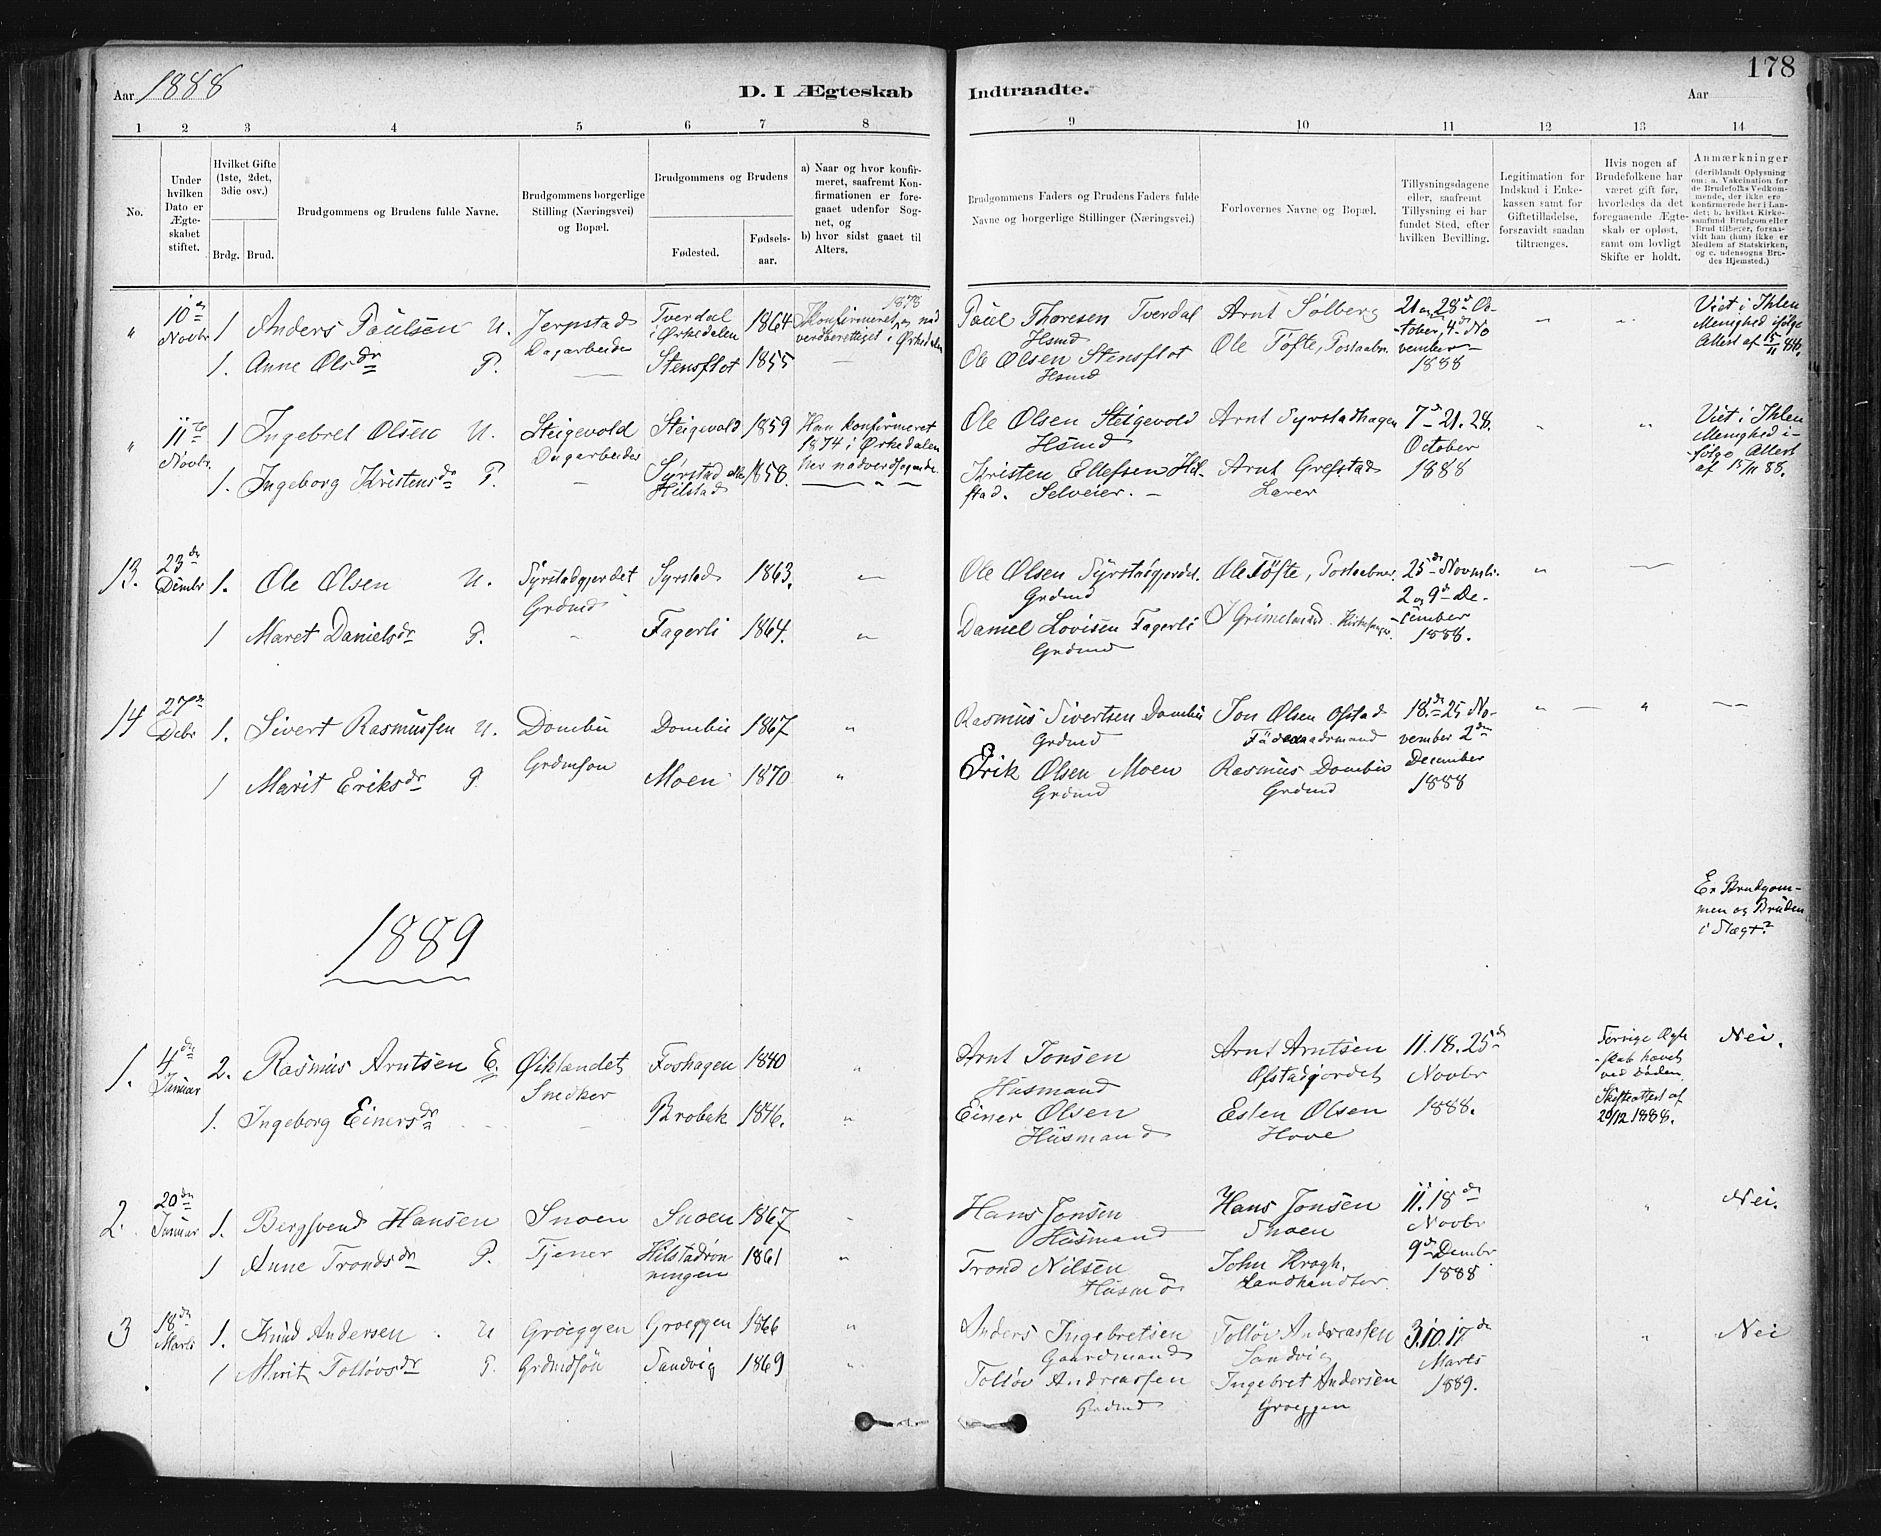 SAT, Ministerialprotokoller, klokkerbøker og fødselsregistre - Sør-Trøndelag, 672/L0857: Ministerialbok nr. 672A09, 1882-1893, s. 178